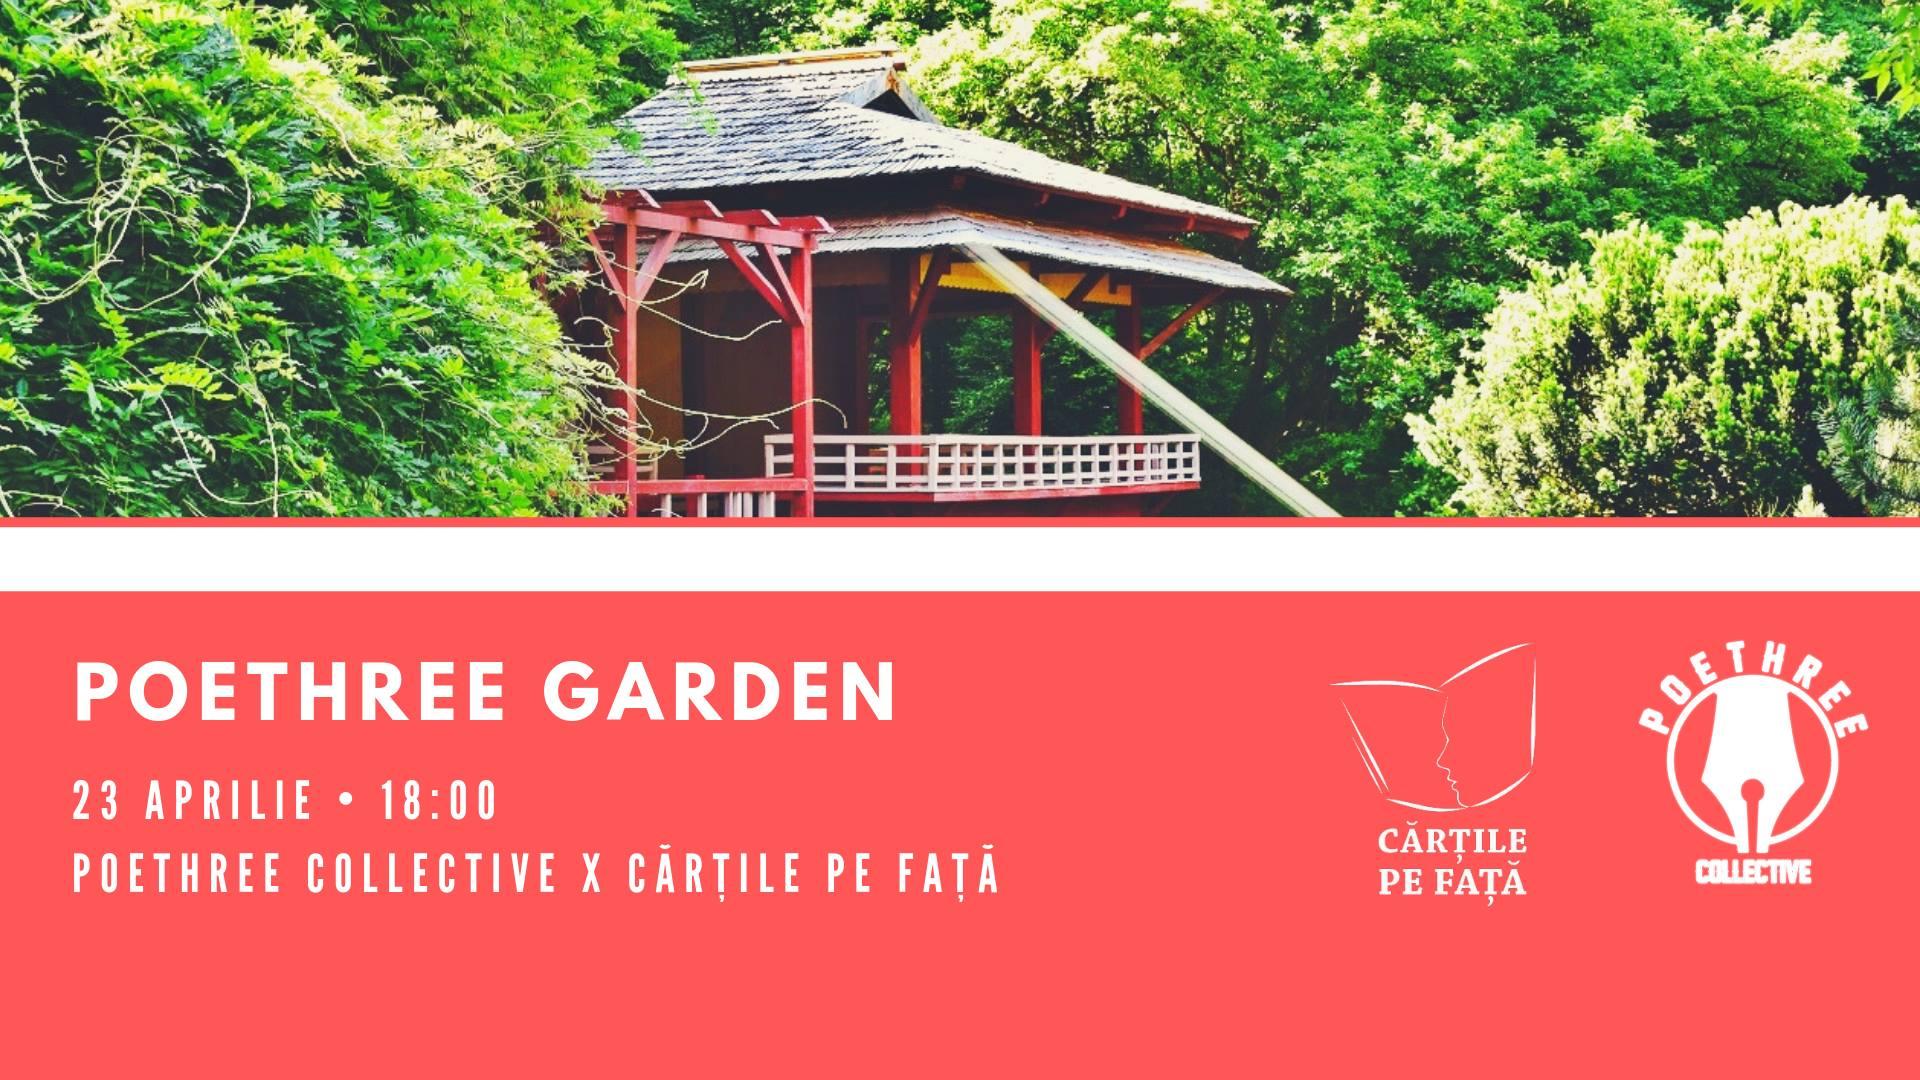 Poethree Garden